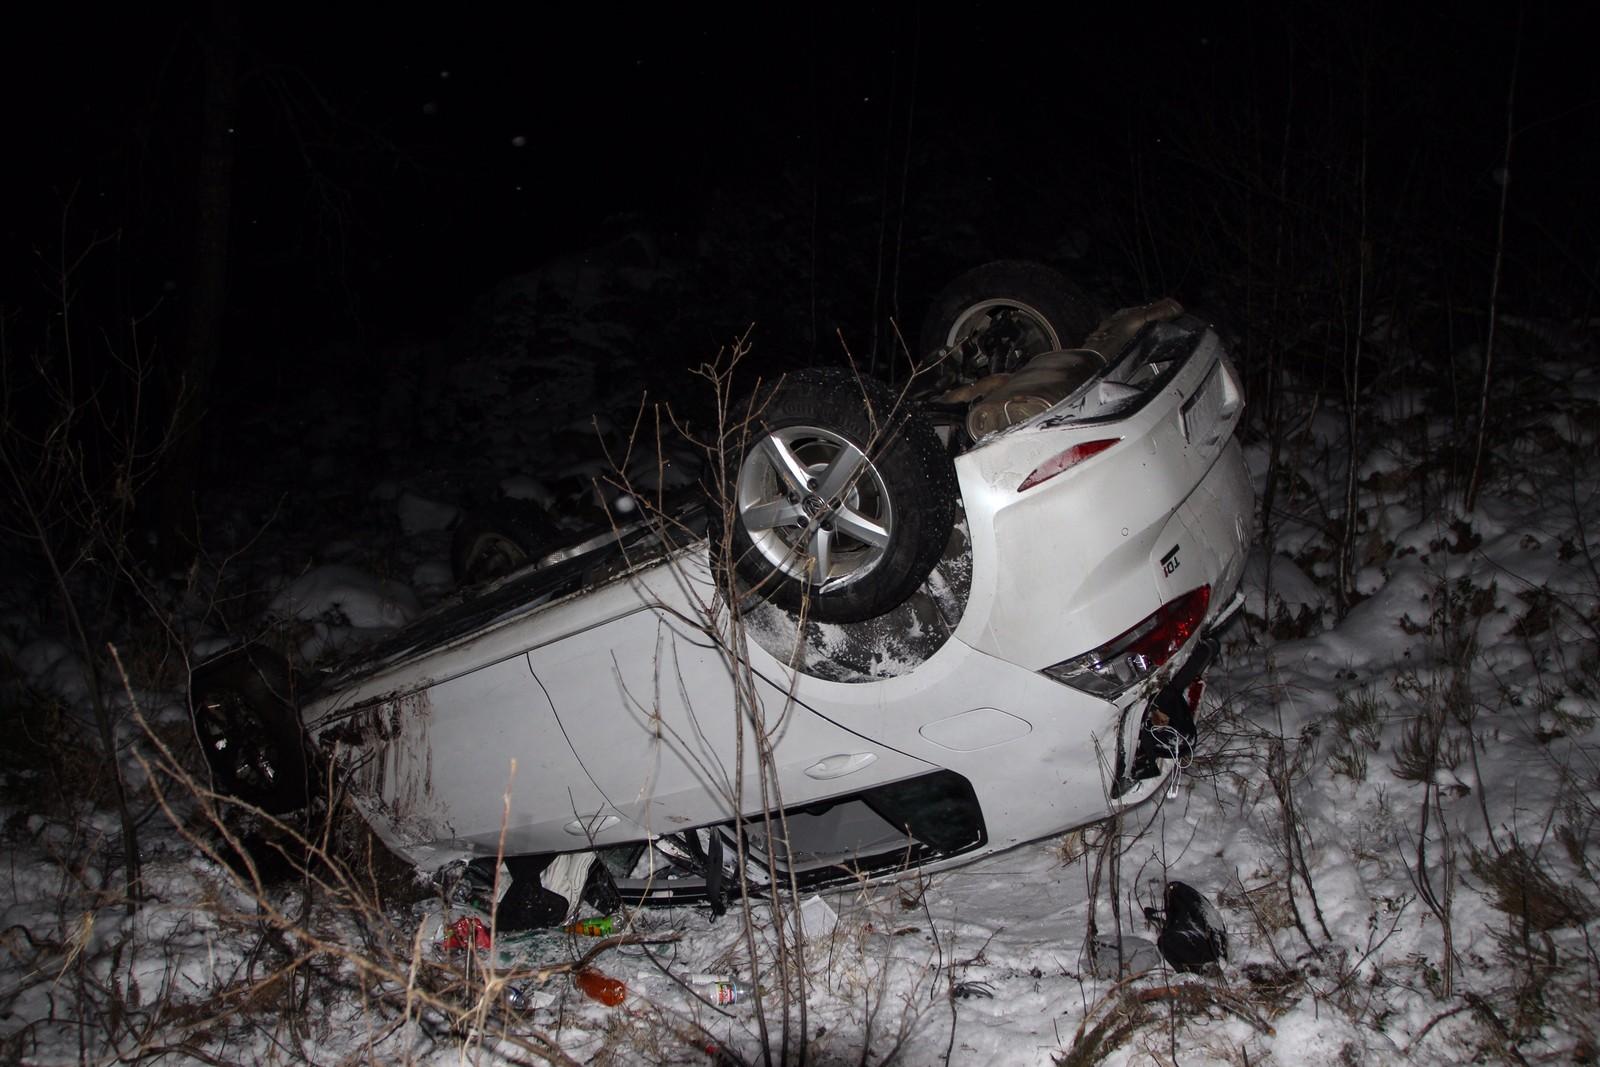 Utforkjøring på Bjelland i Marnardal. To personer ble lettere skadet.